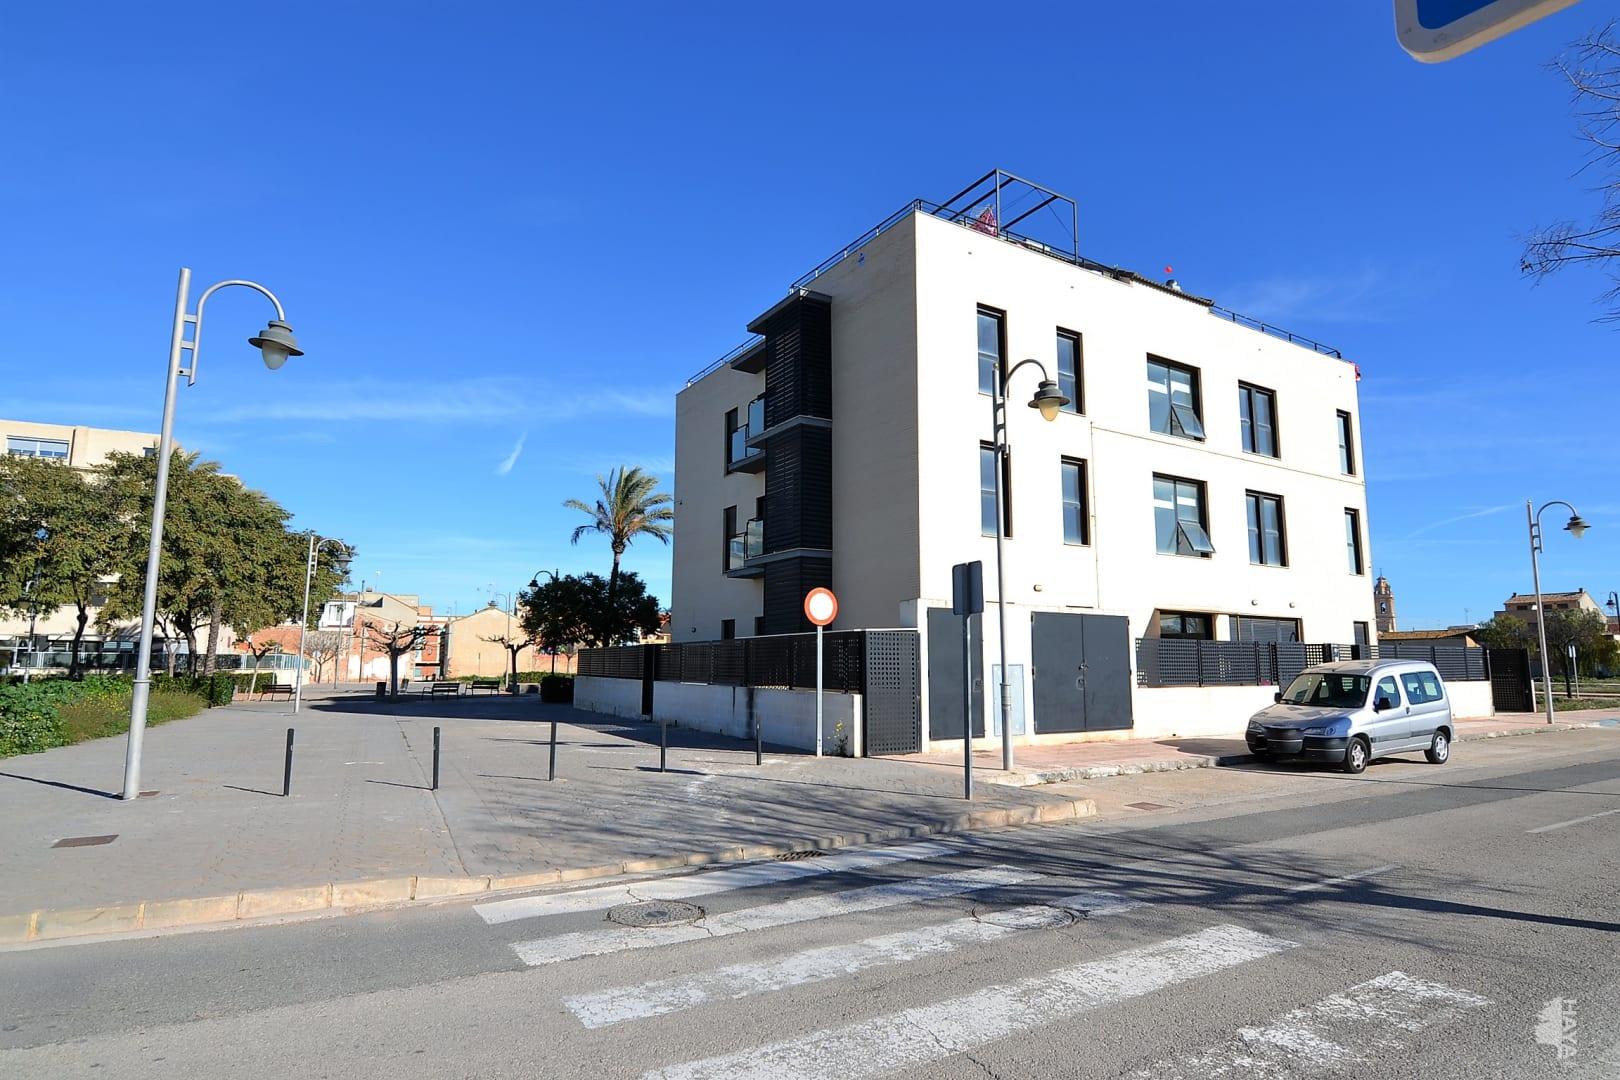 Piso en venta en Museros, Museros, Valencia, Avenida Senyera, 114.900 €, 2 habitaciones, 2 baños, 78 m2